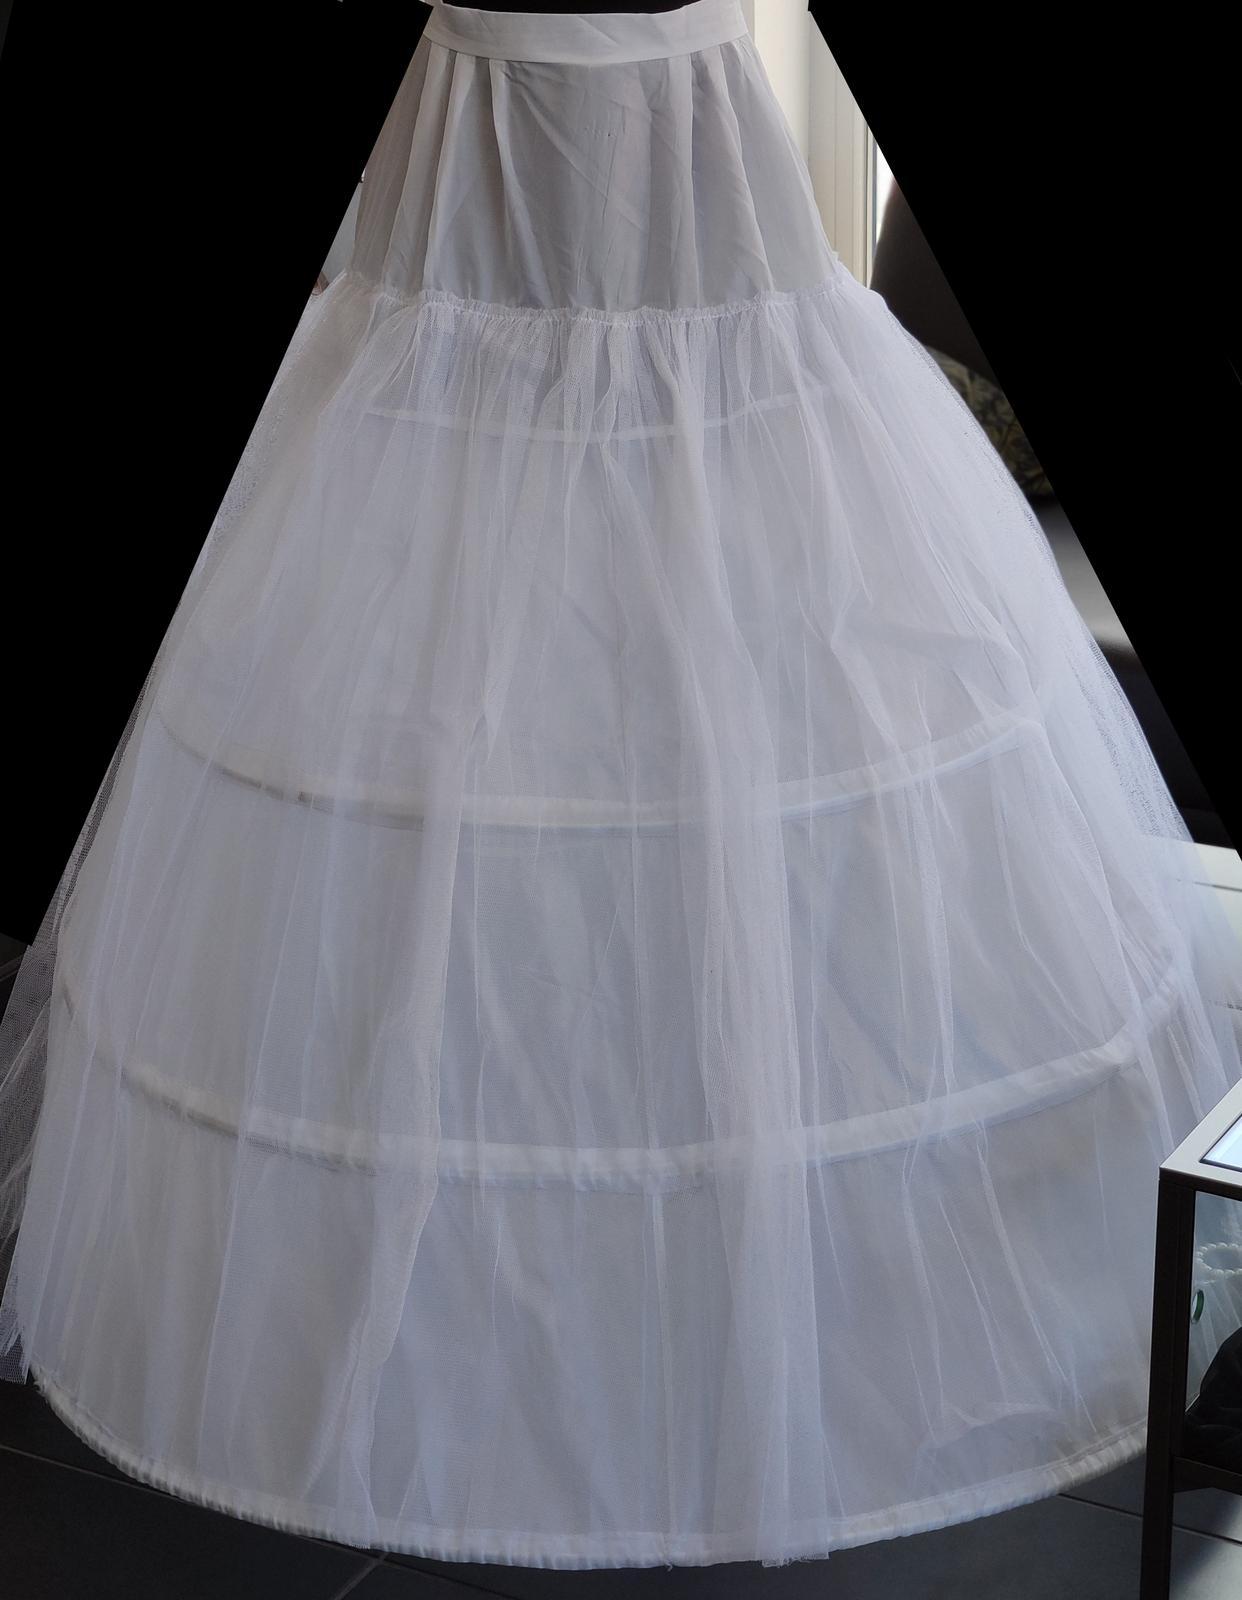 3 kruhová spodnice - Obrázok č. 1